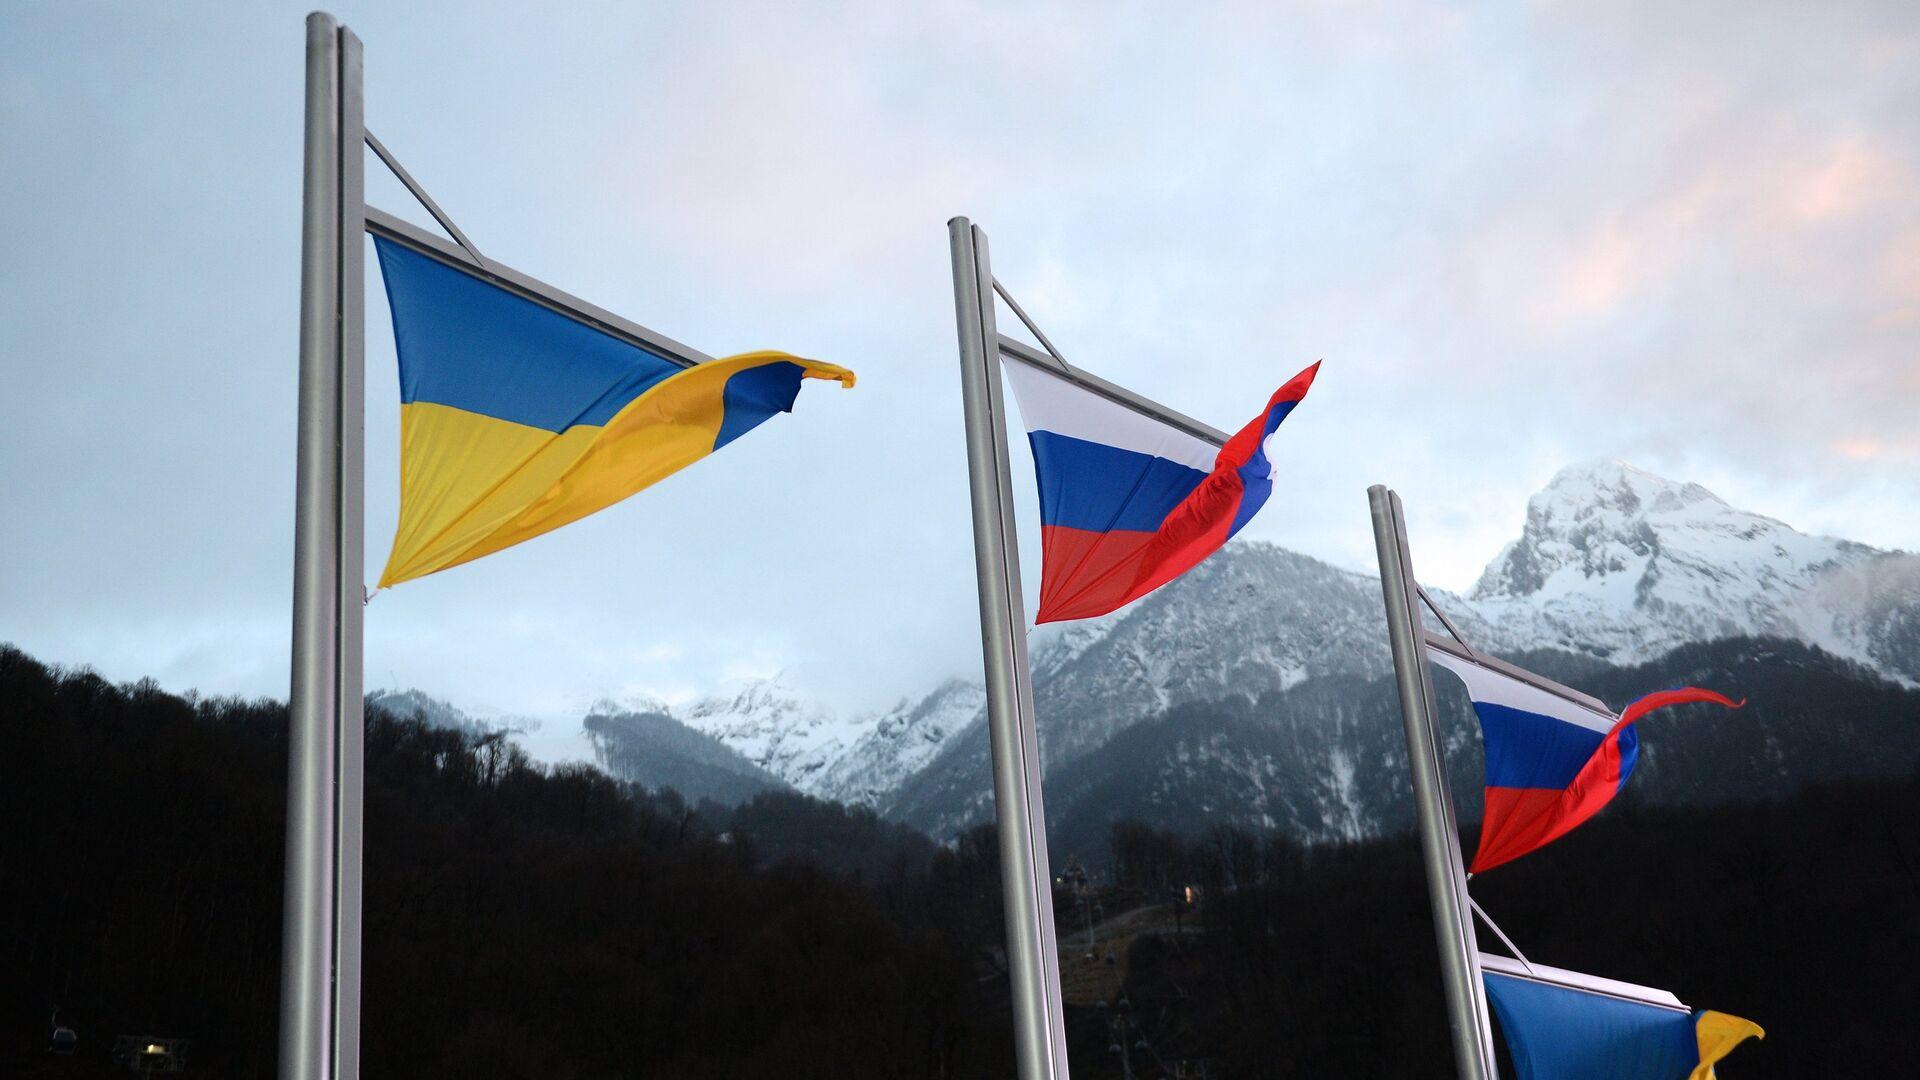 Banderas de Rusia y Ucrania - Sputnik Mundo, 1920, 12.02.2021